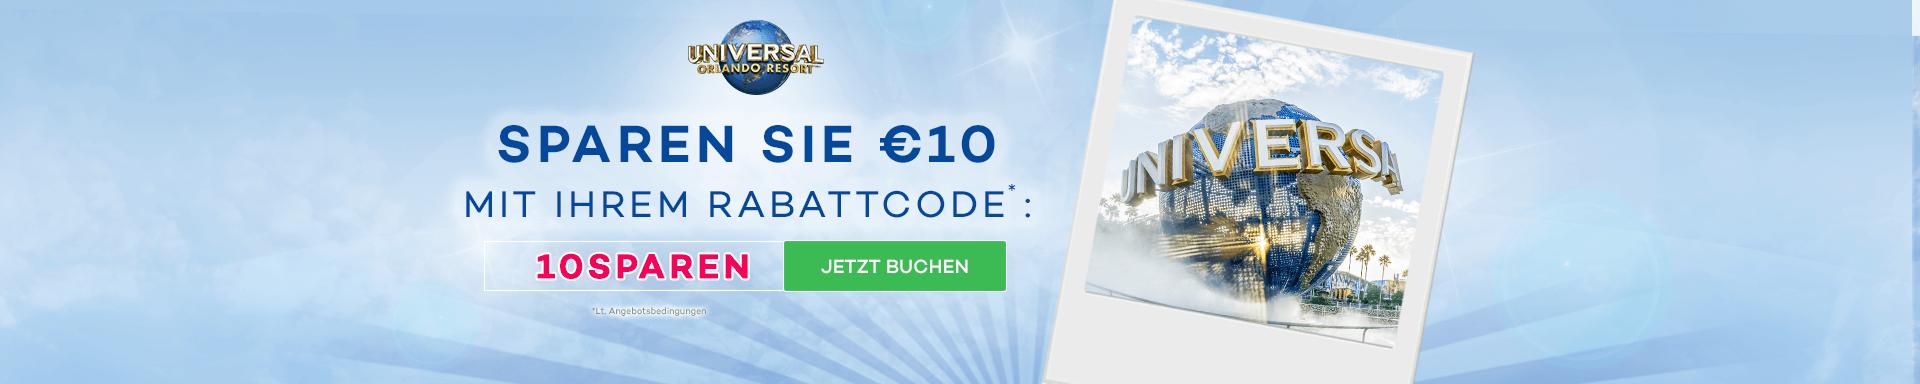 €10 Rabatt pro Person auf Universal Tickets